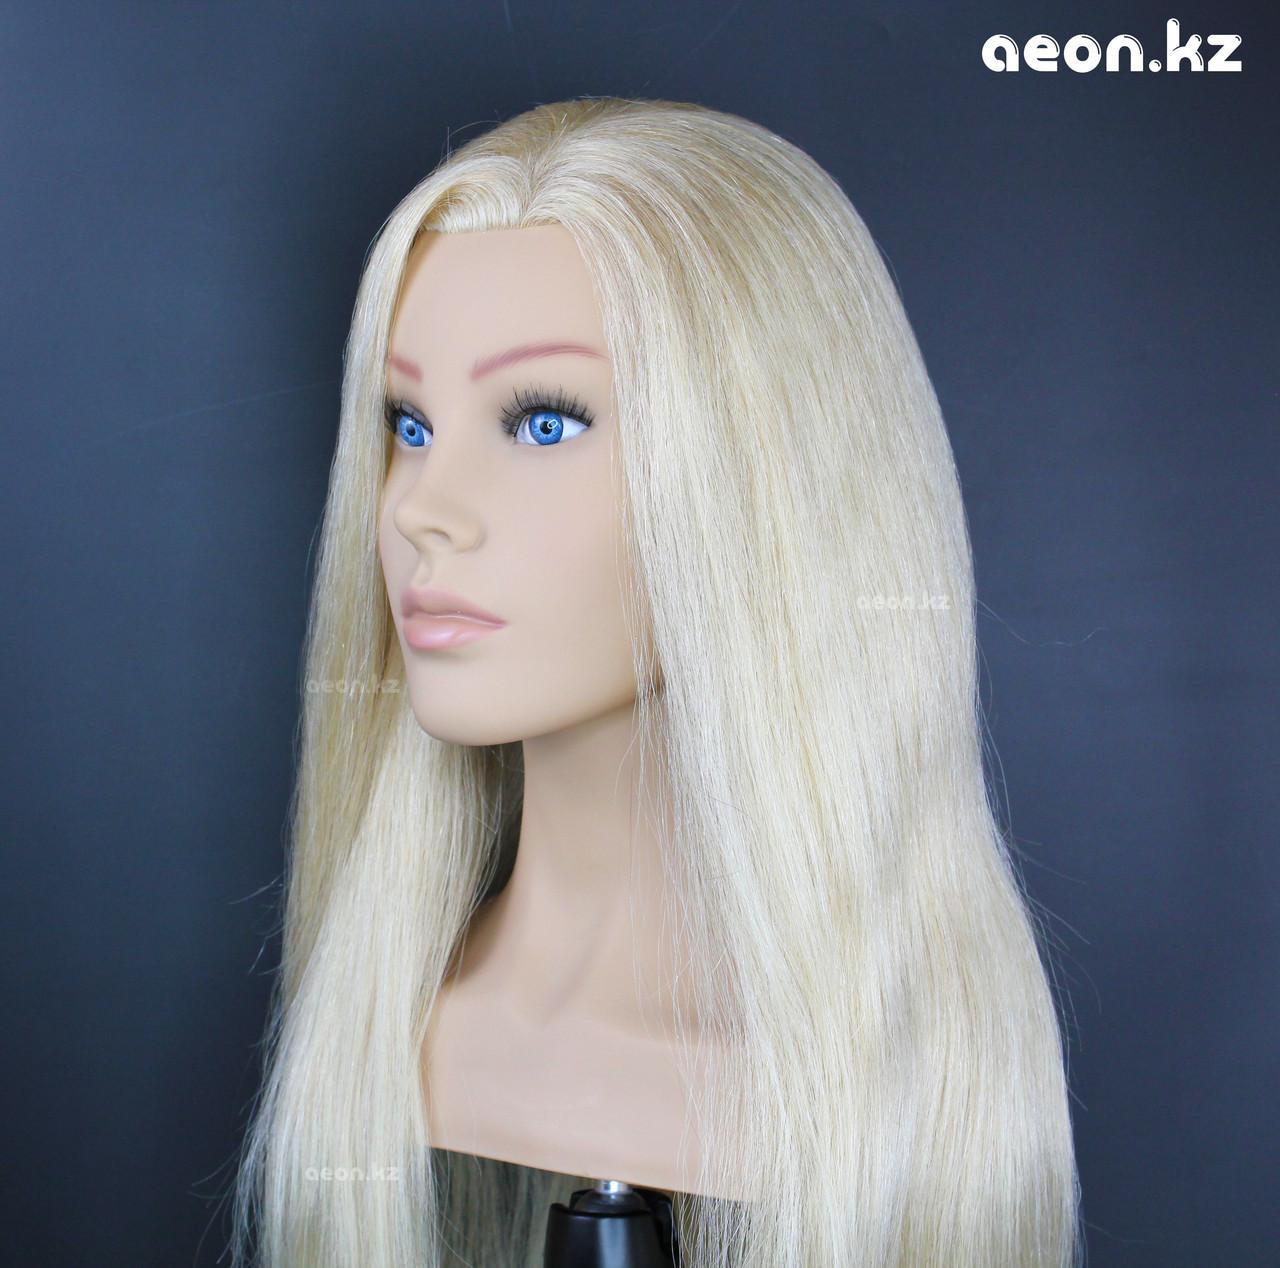 Голова-манекен AEON светло русый волос натуральный (100%) - 60 см - фото 3